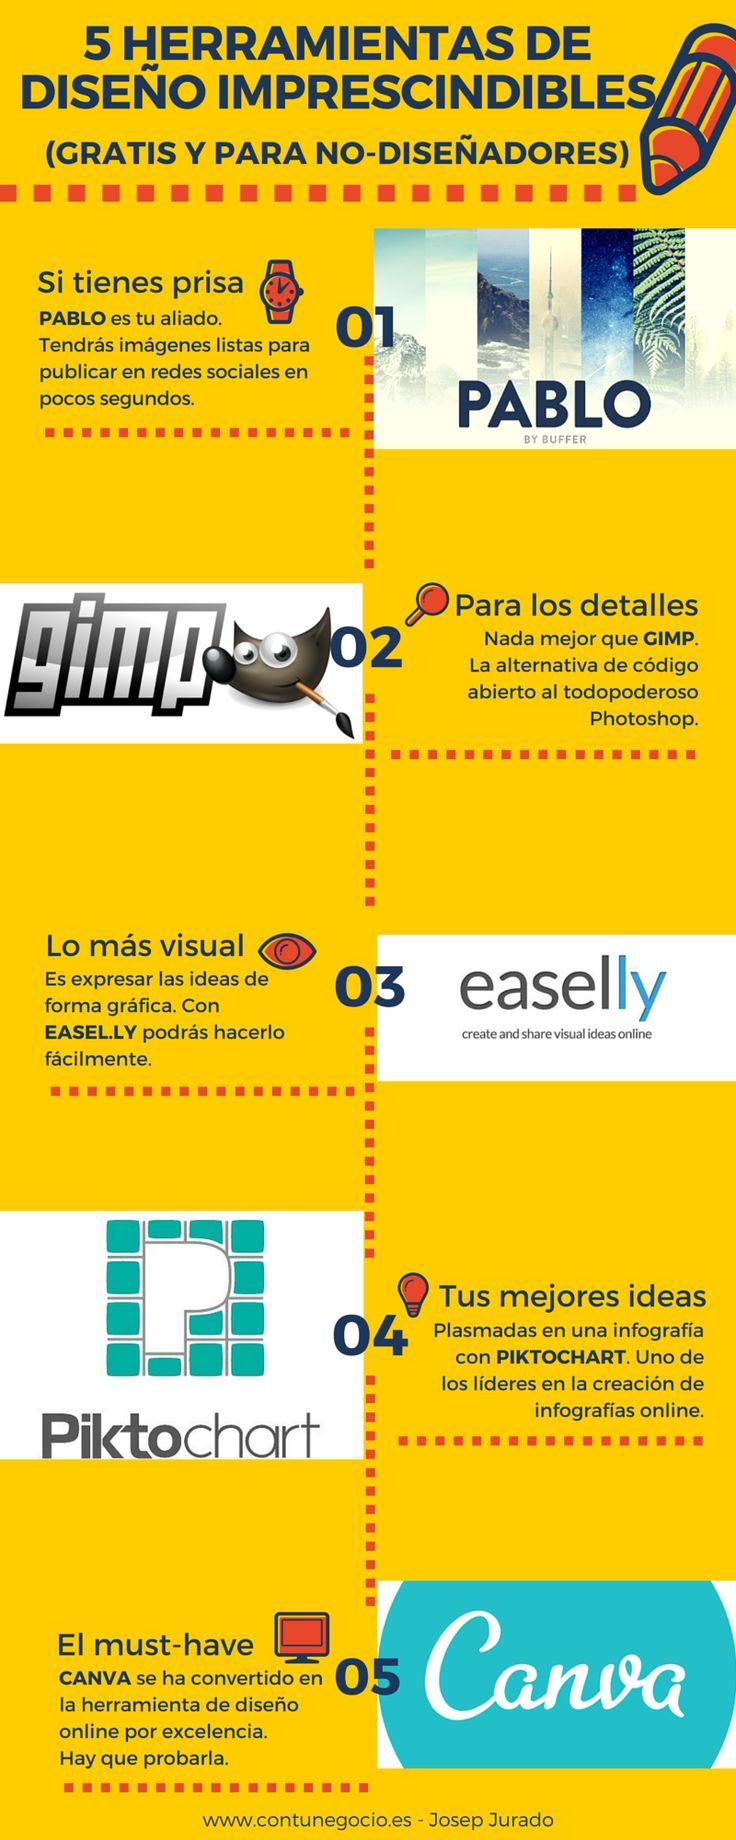 5 Herramientas de diseño gratuitas